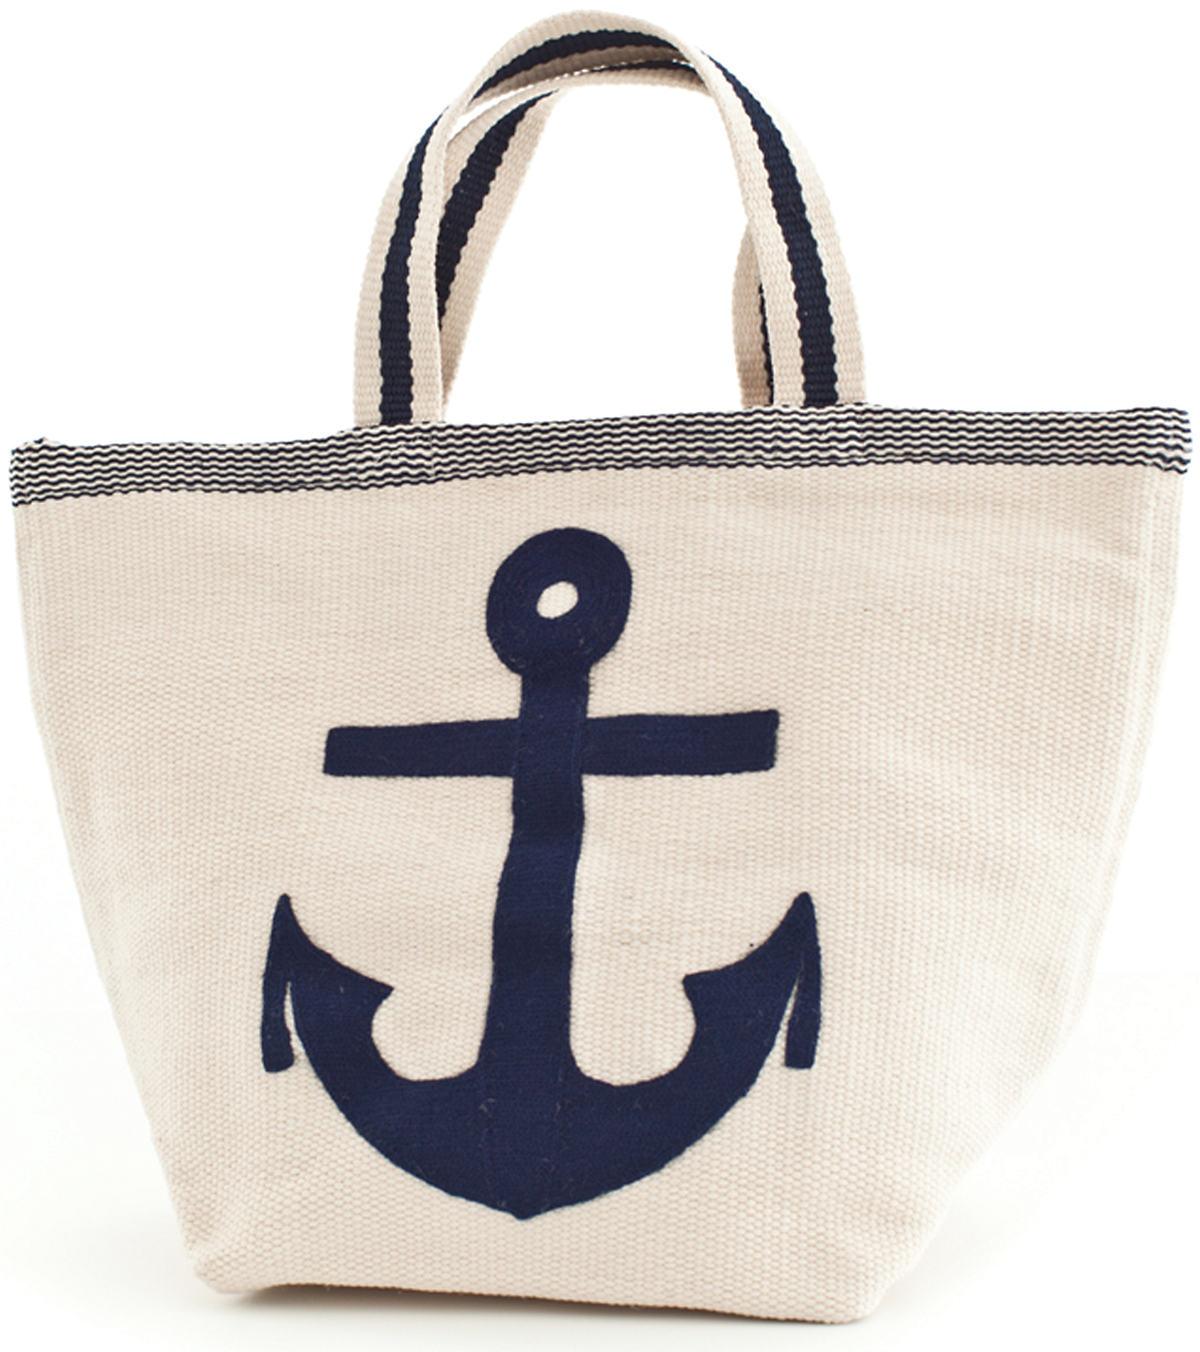 Admiral Navy/Ivory Indoor/Outdoor Tote Bag